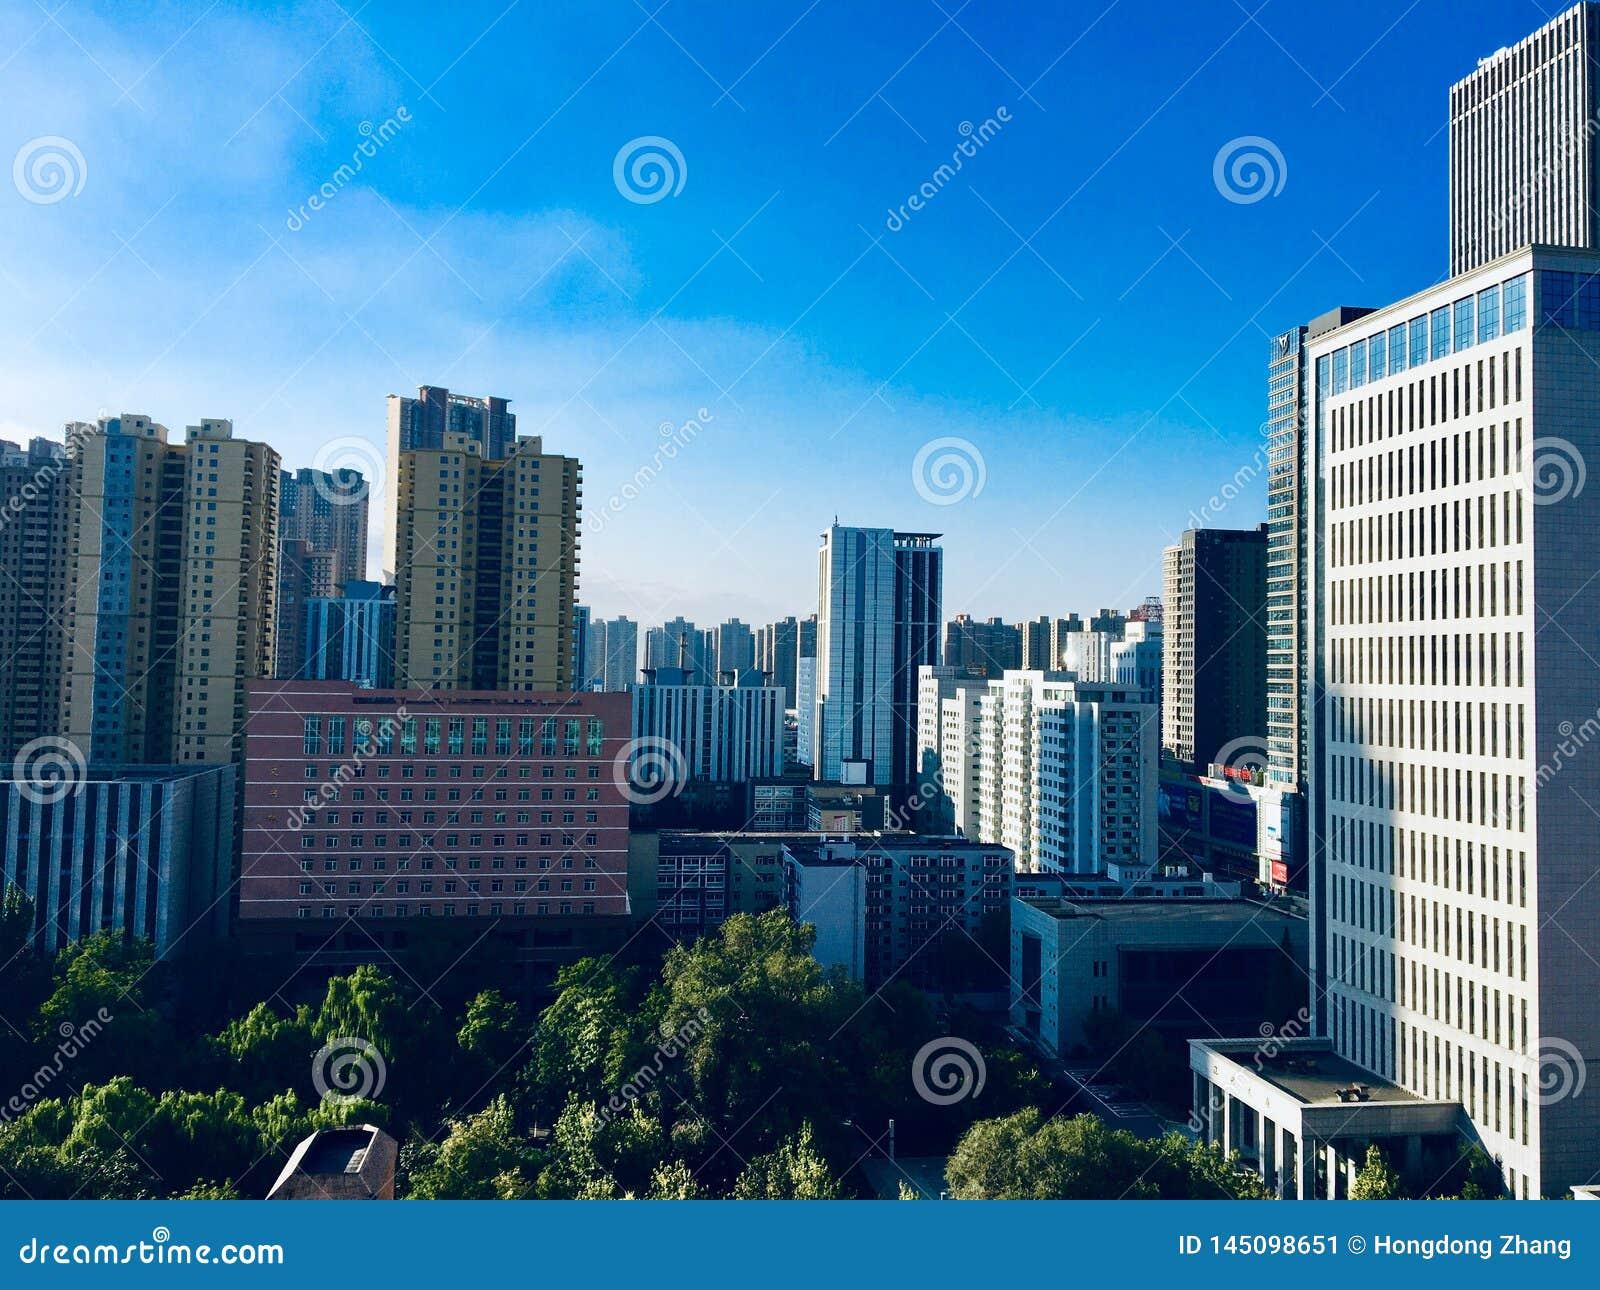 Kielzog omhoog in de ochtend, die rijen van keurig geschikte lange gebouwen in het stadscentrum zien van Shenyang